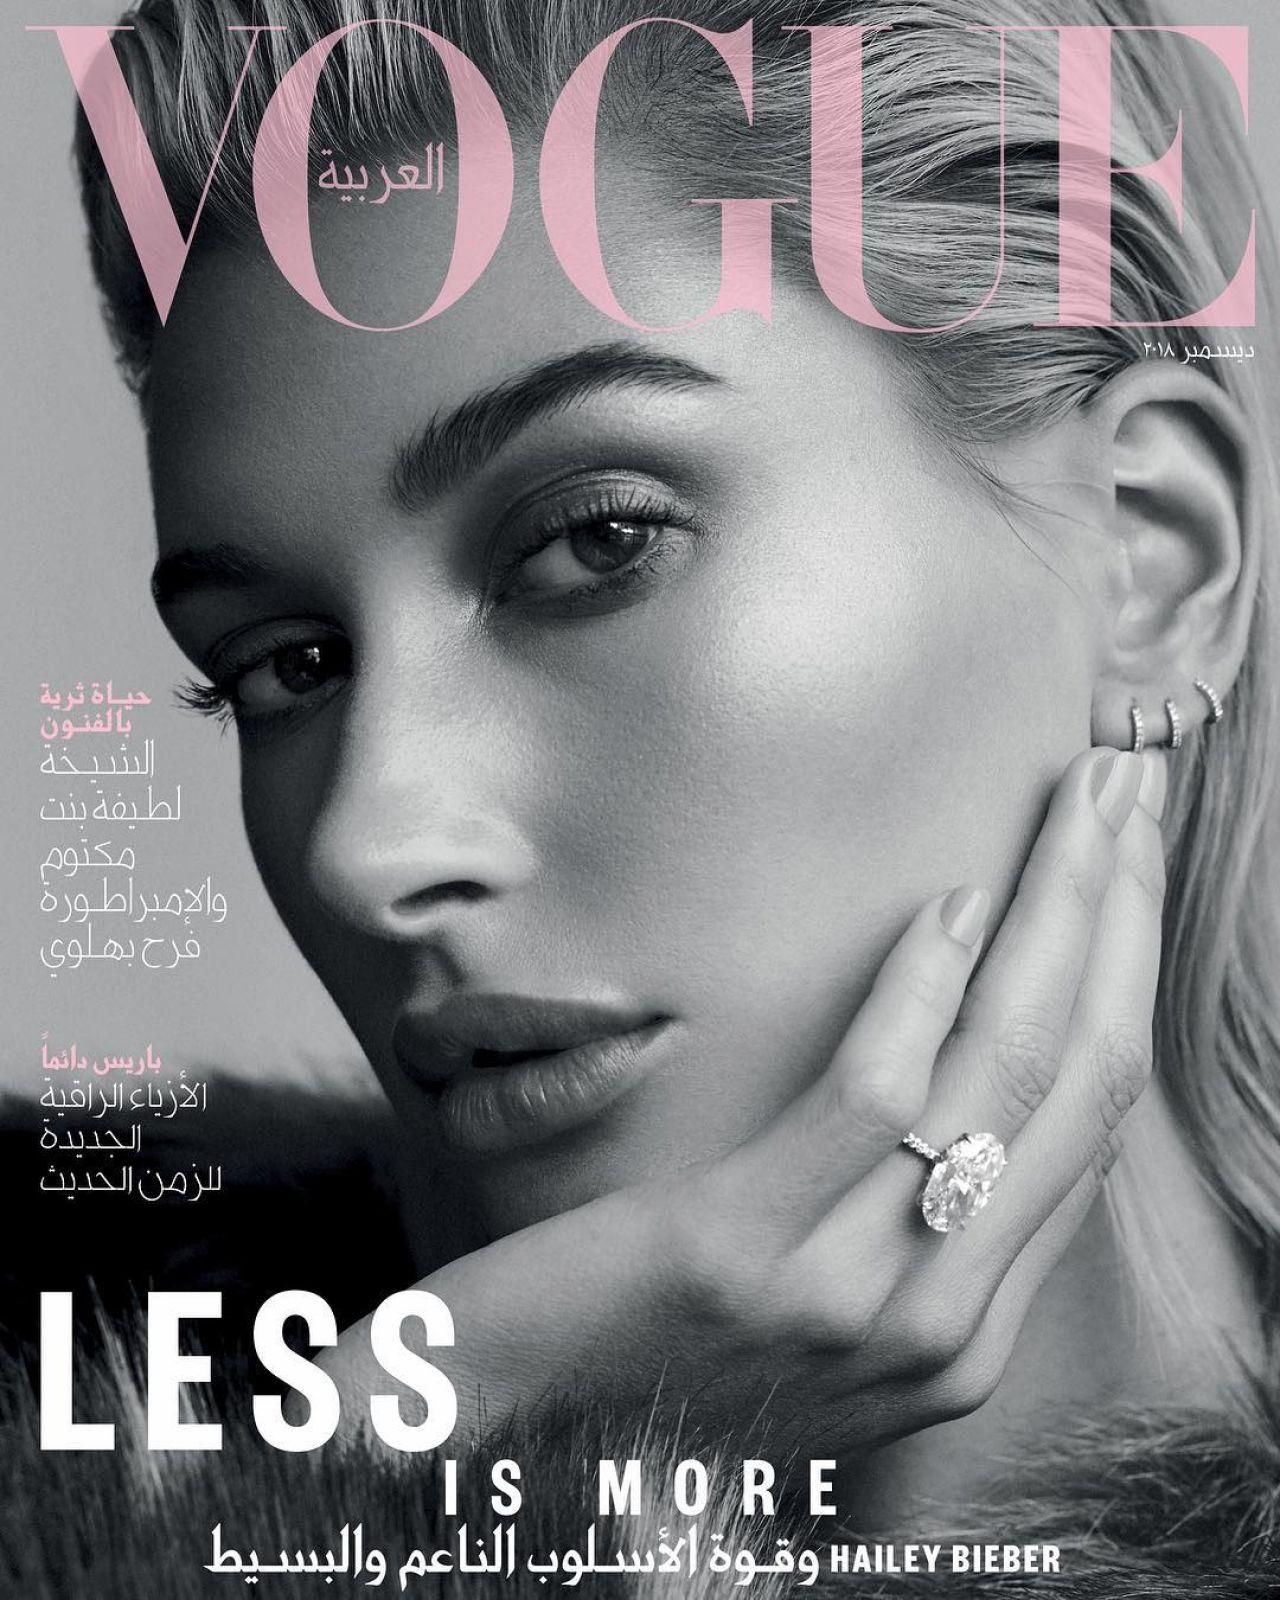 Vogue Cover: Vogue Arabia December 2018